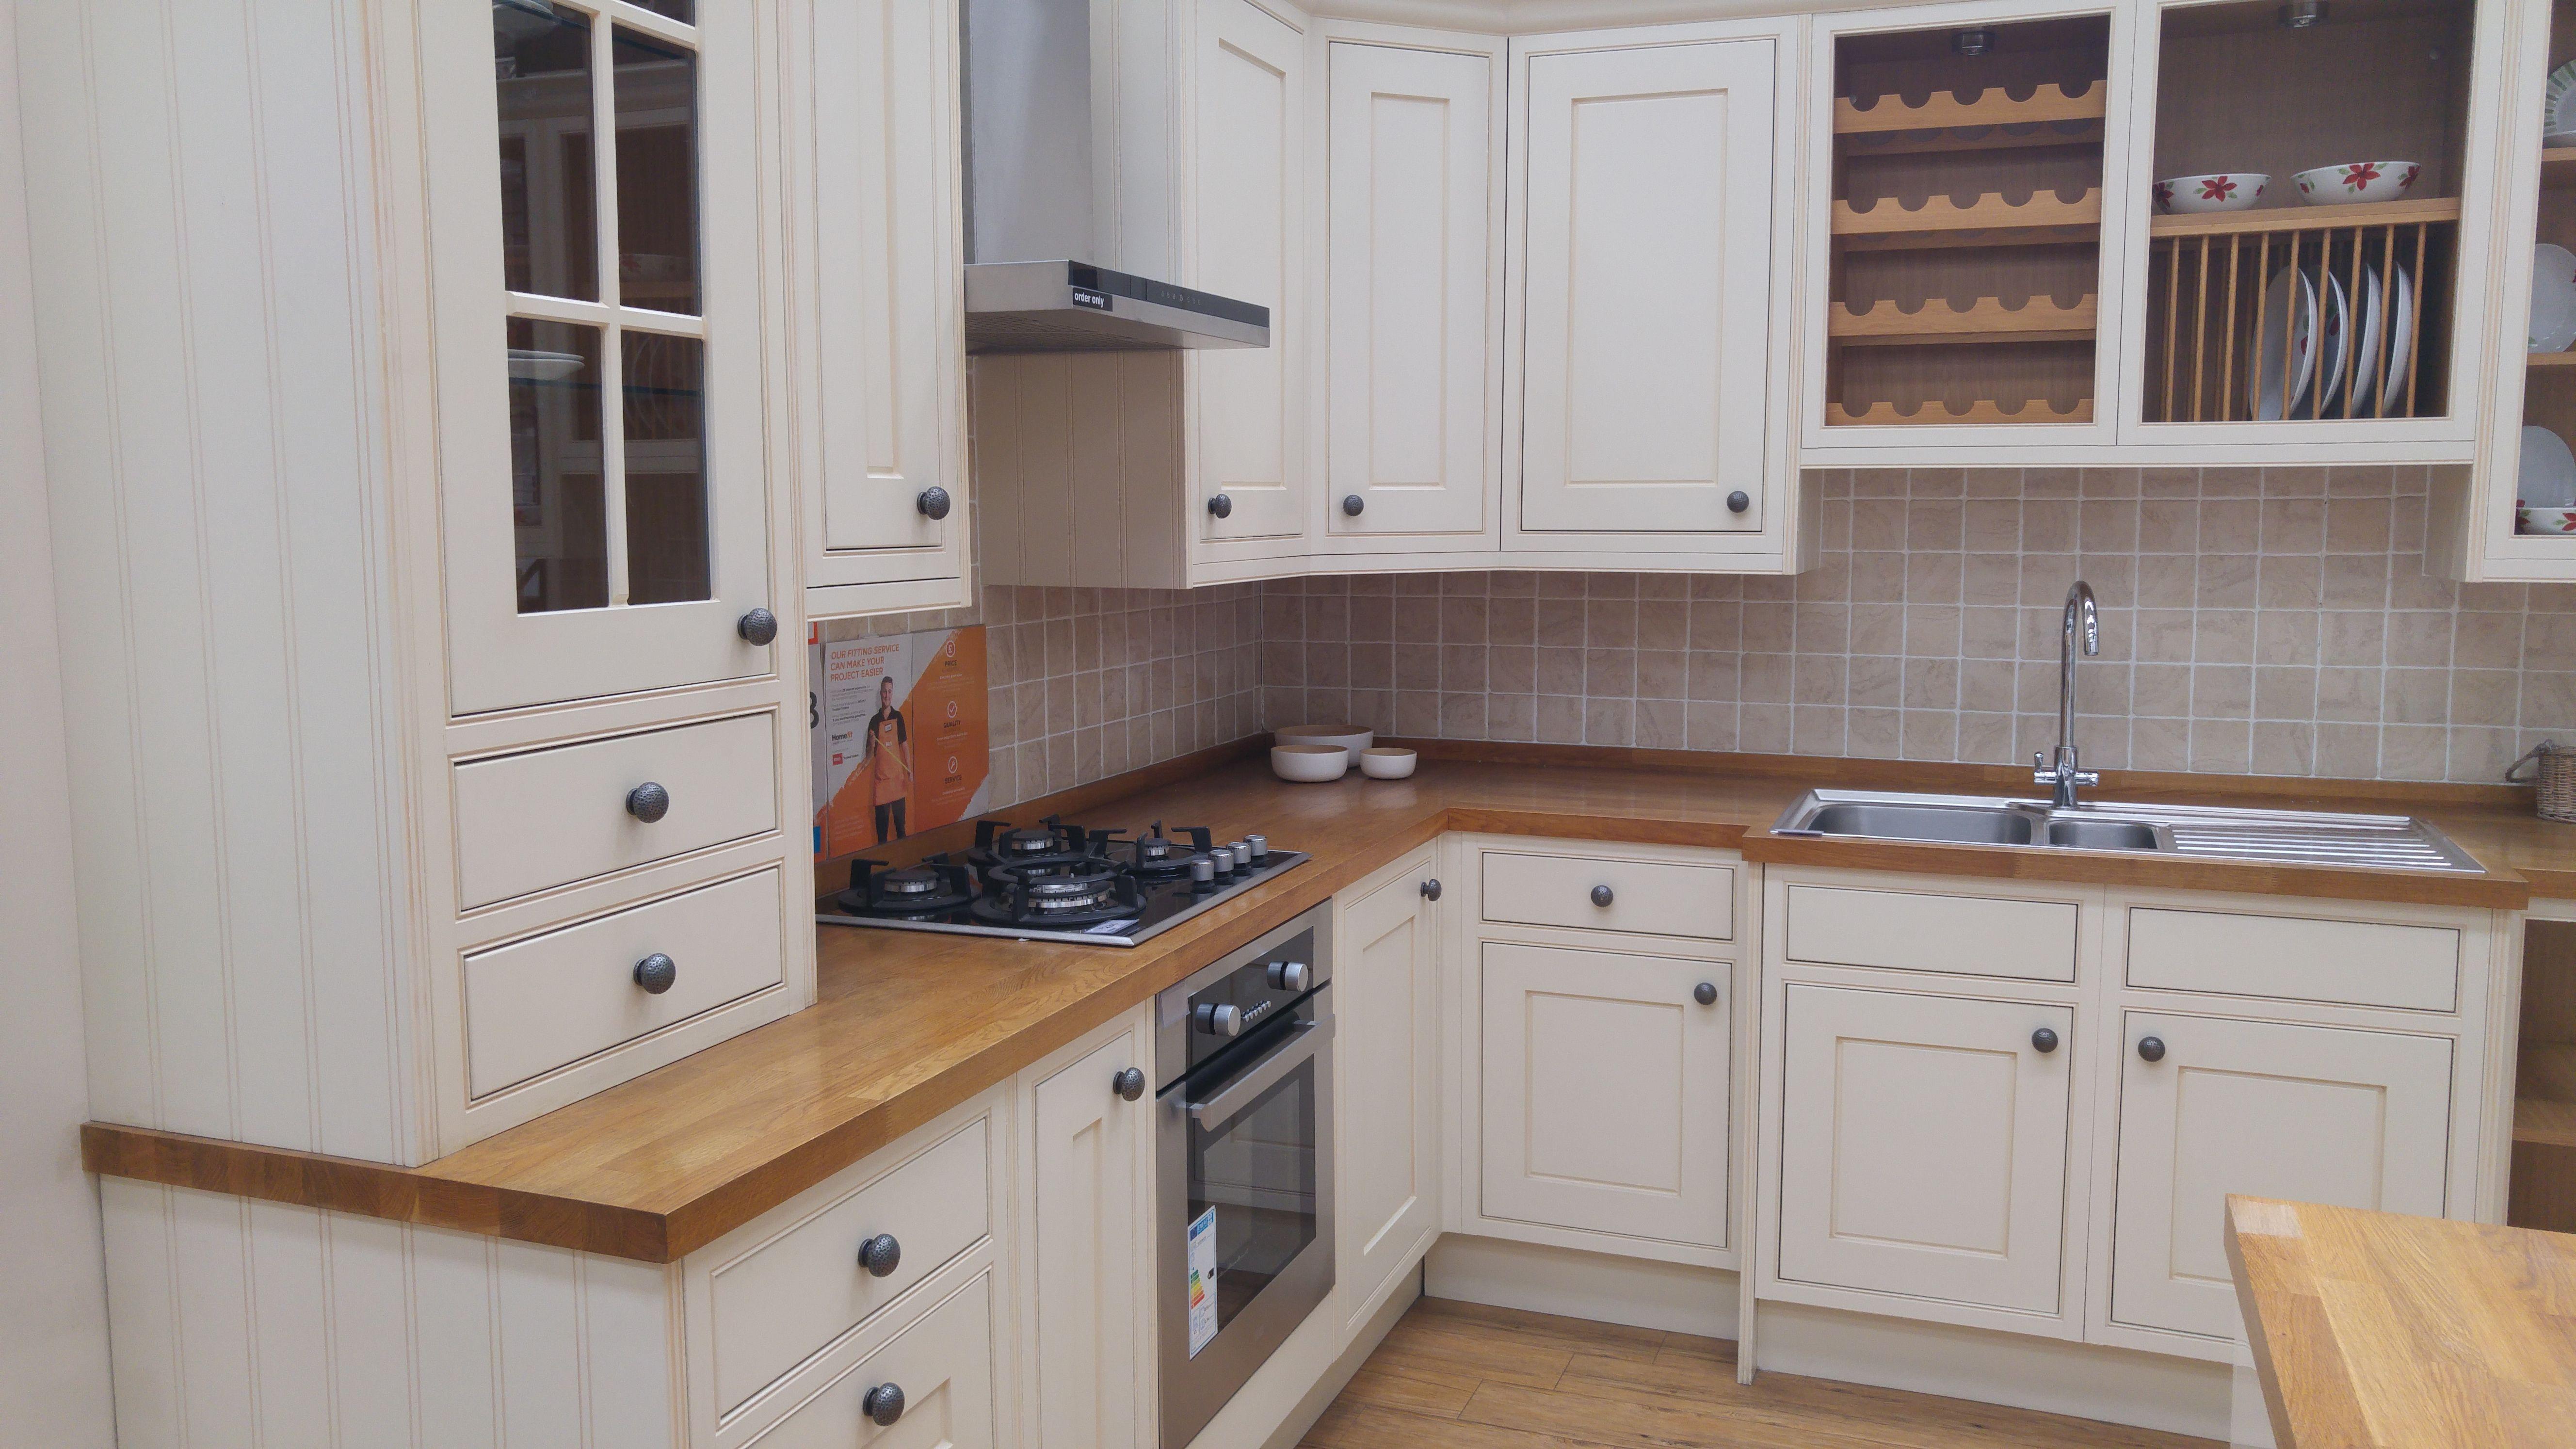 B and Q   Home decor, Kitchen, Kitchen cabinets